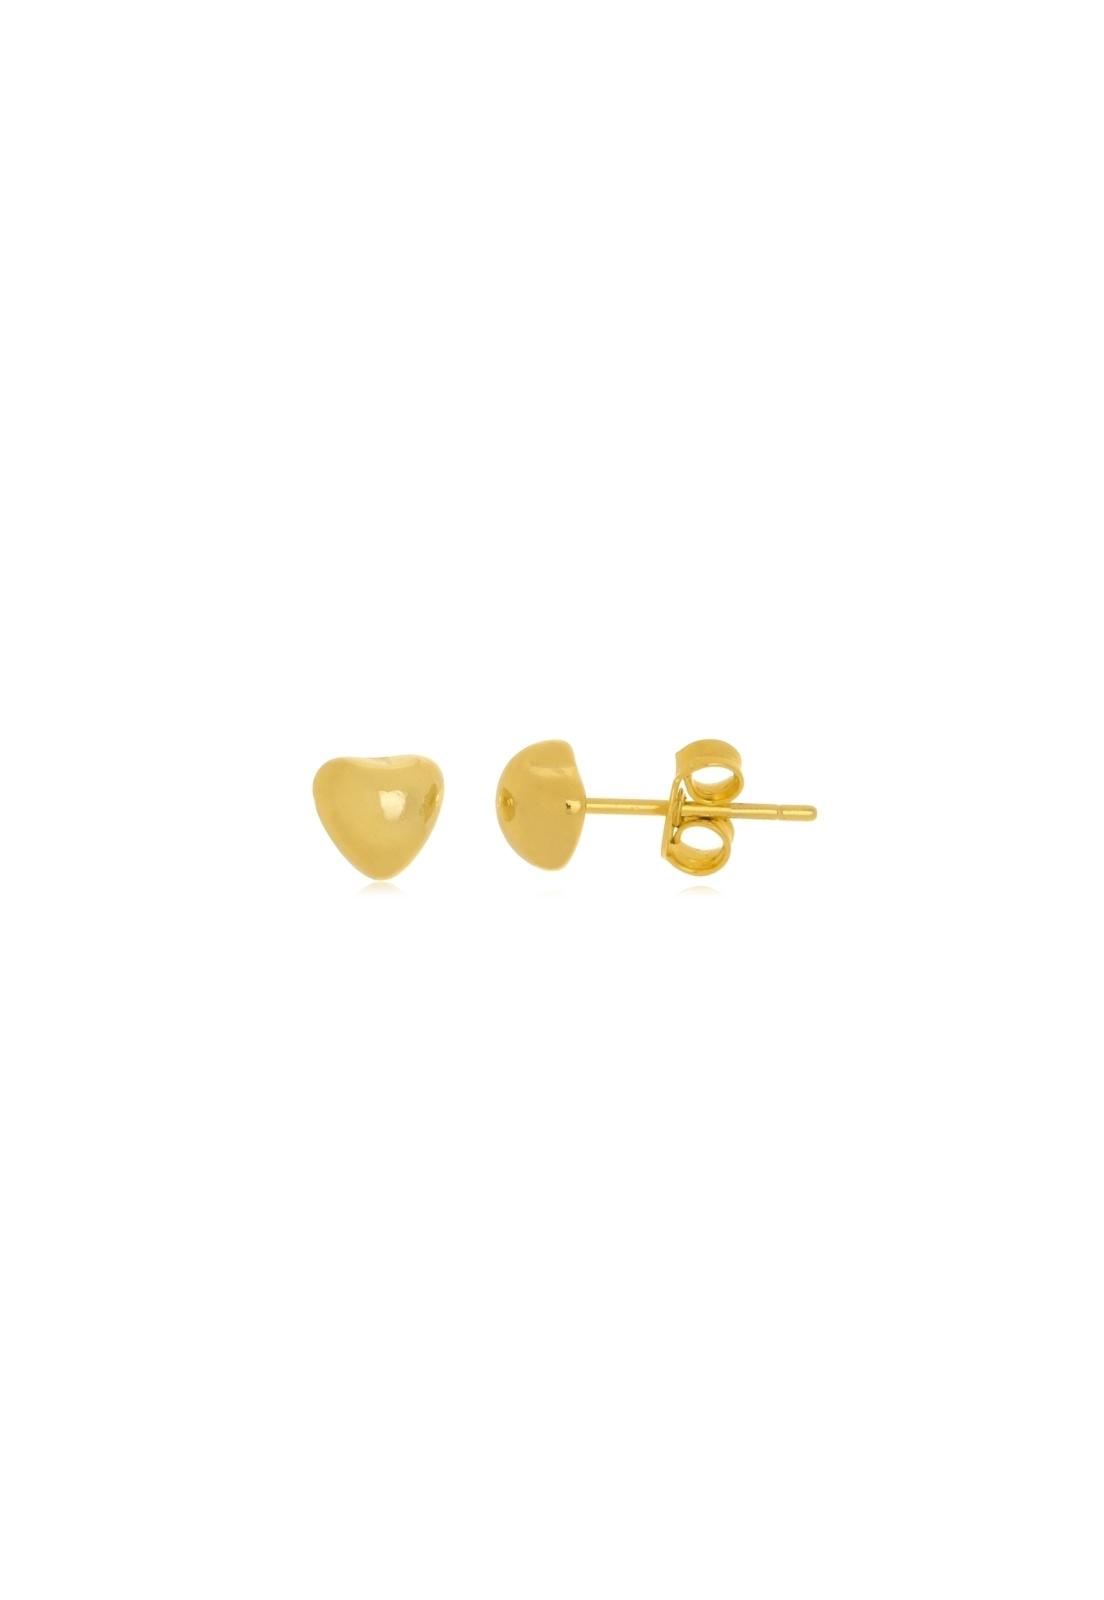 Brinco Le Diamond Coração Pequeno Dourado